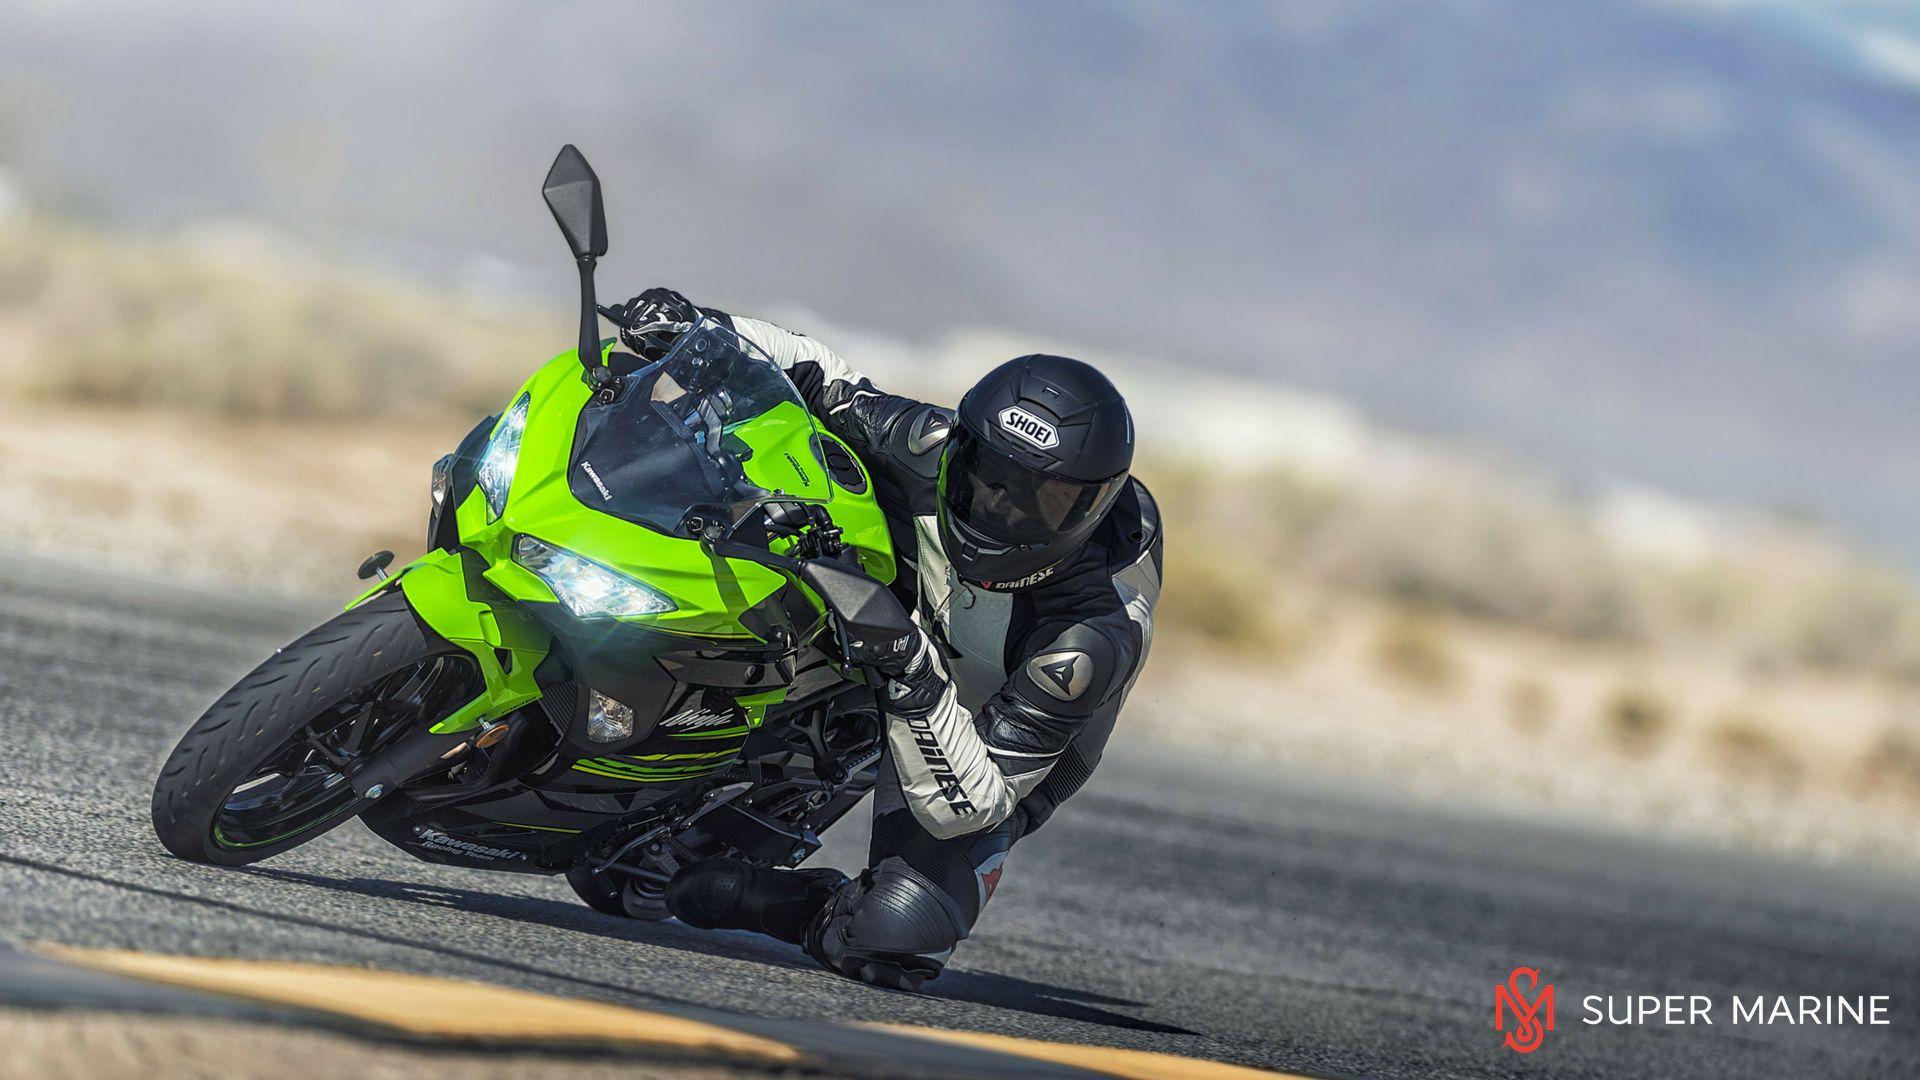 Мотоцикл Kawasaki Ninja 400 Черный 2020 - 8